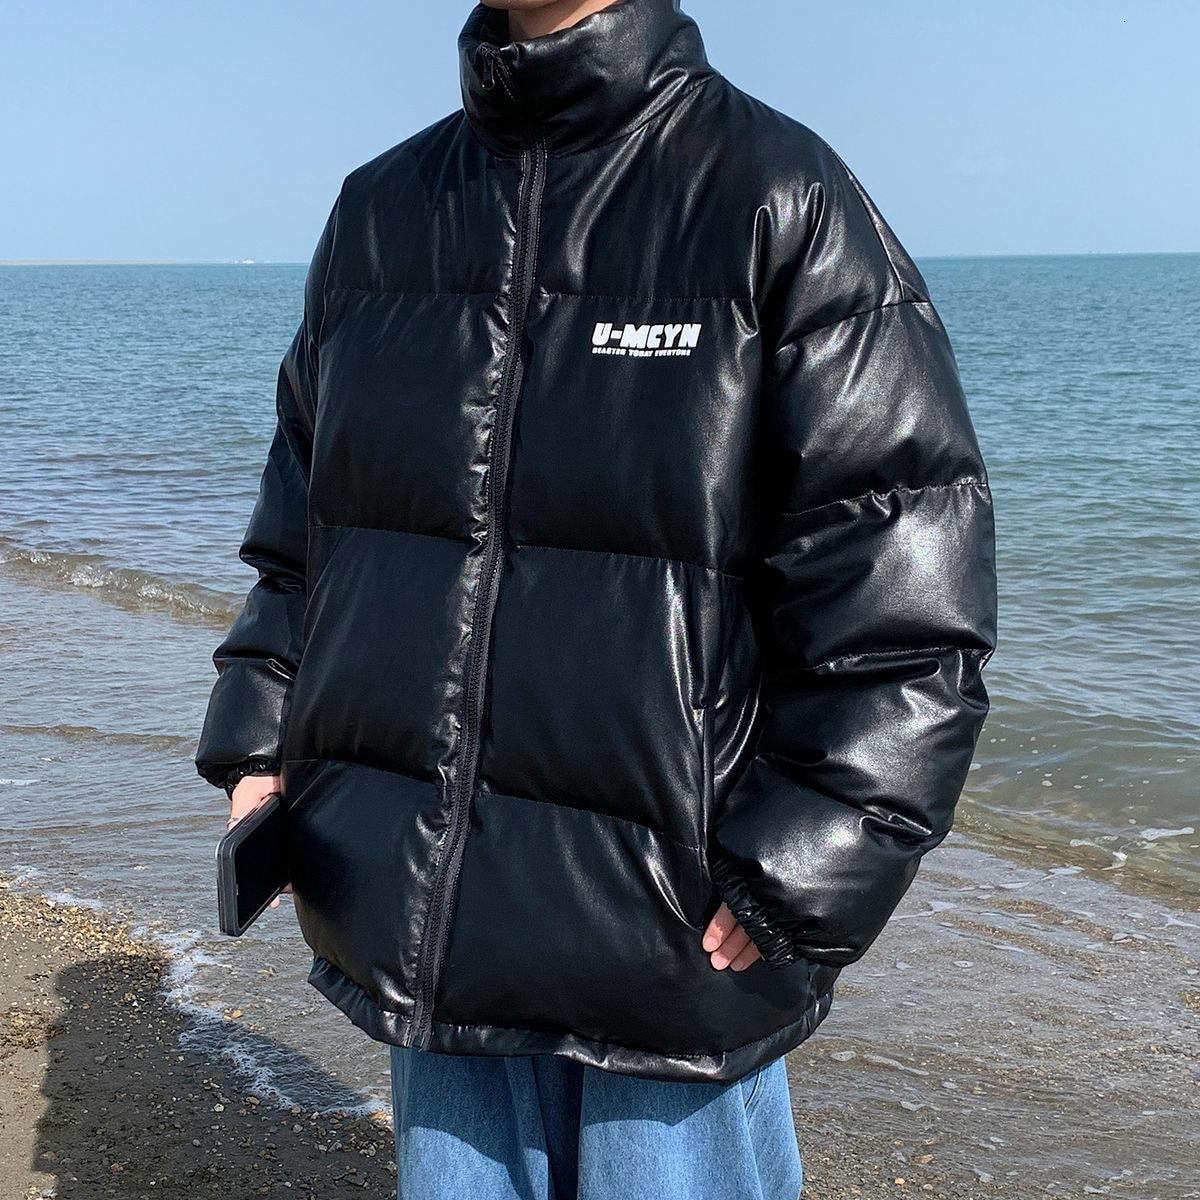 Мужская зимняя куртка из искусственной кожи Primvathinker, черная теплая парка с буквенным принтом, мужская повседневная куртка с воротником-стой...